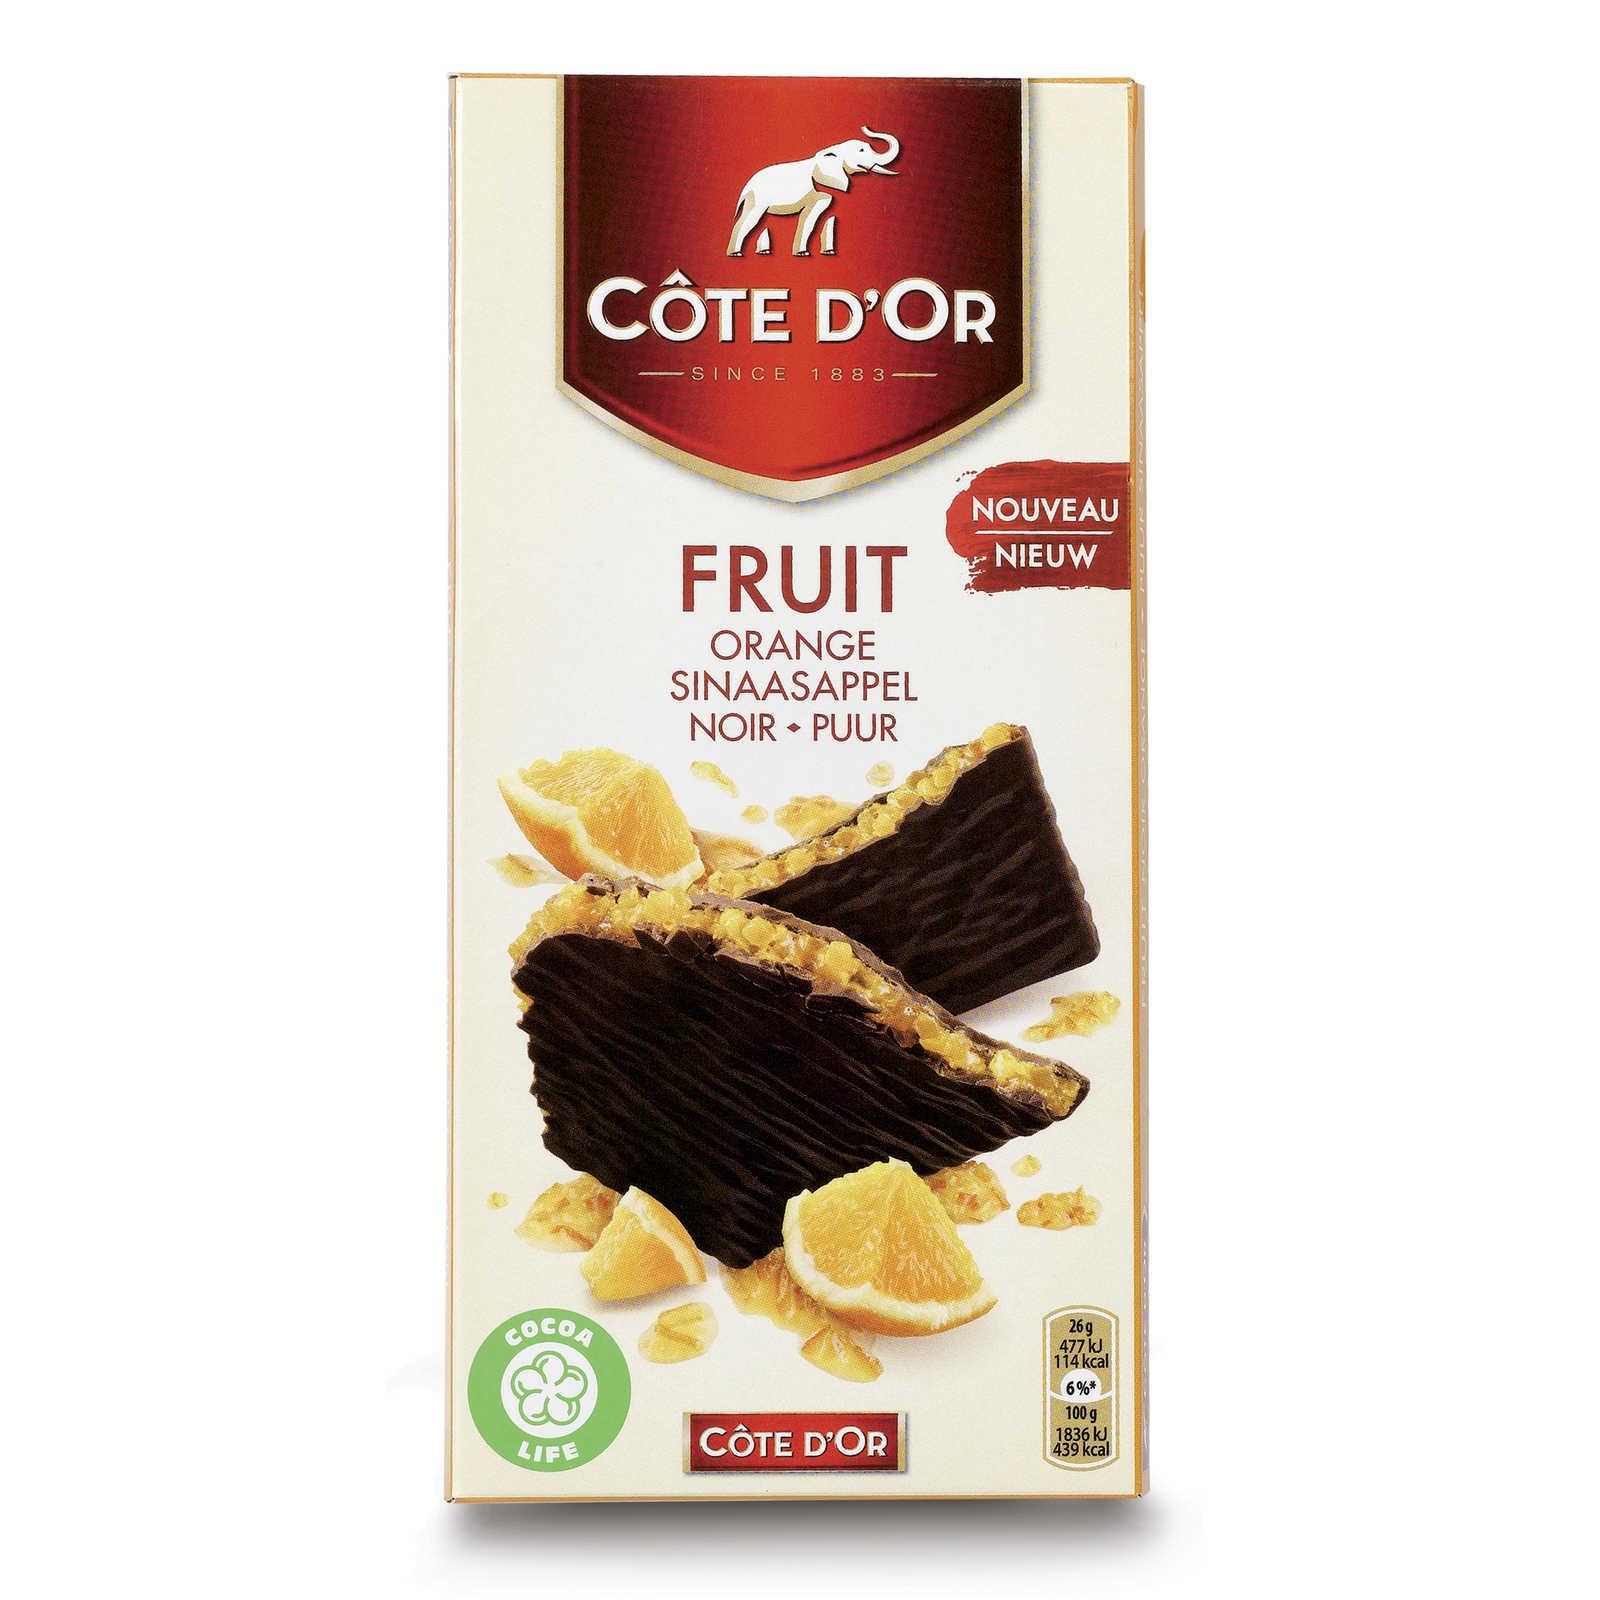 Côte d'Or-Fruit